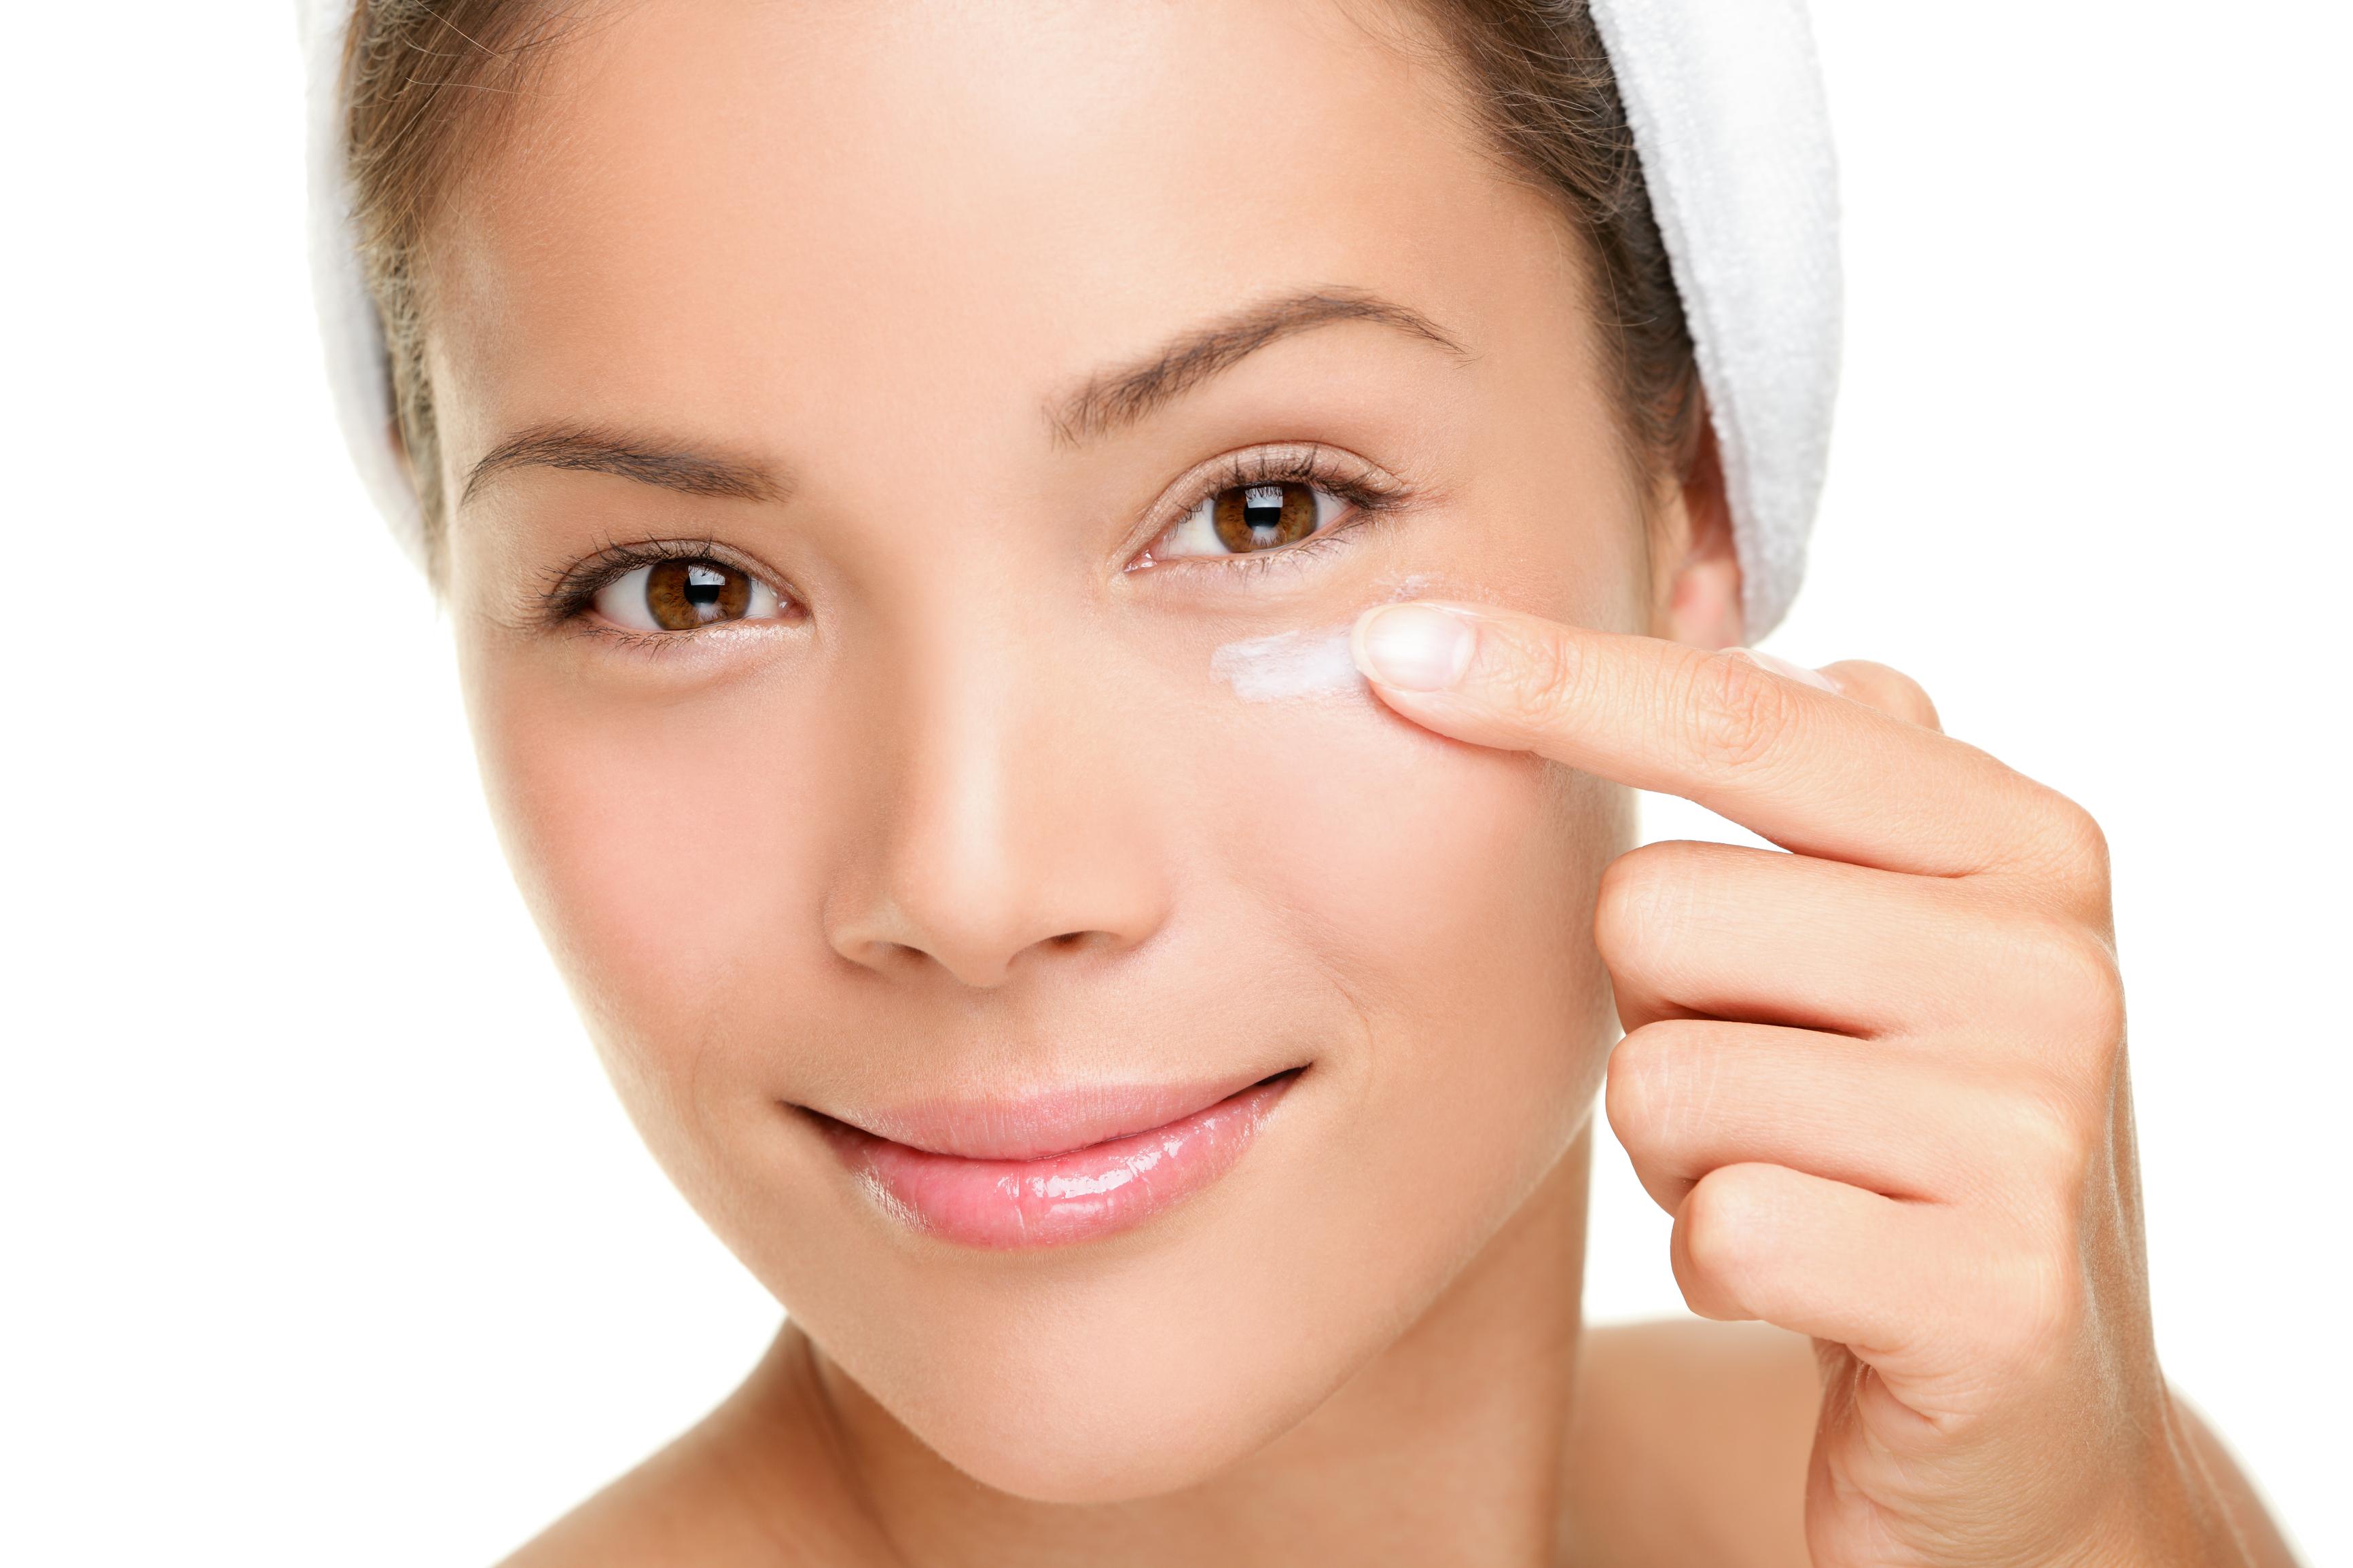 טיפולי פנים לעור פנים שמן או מעורב